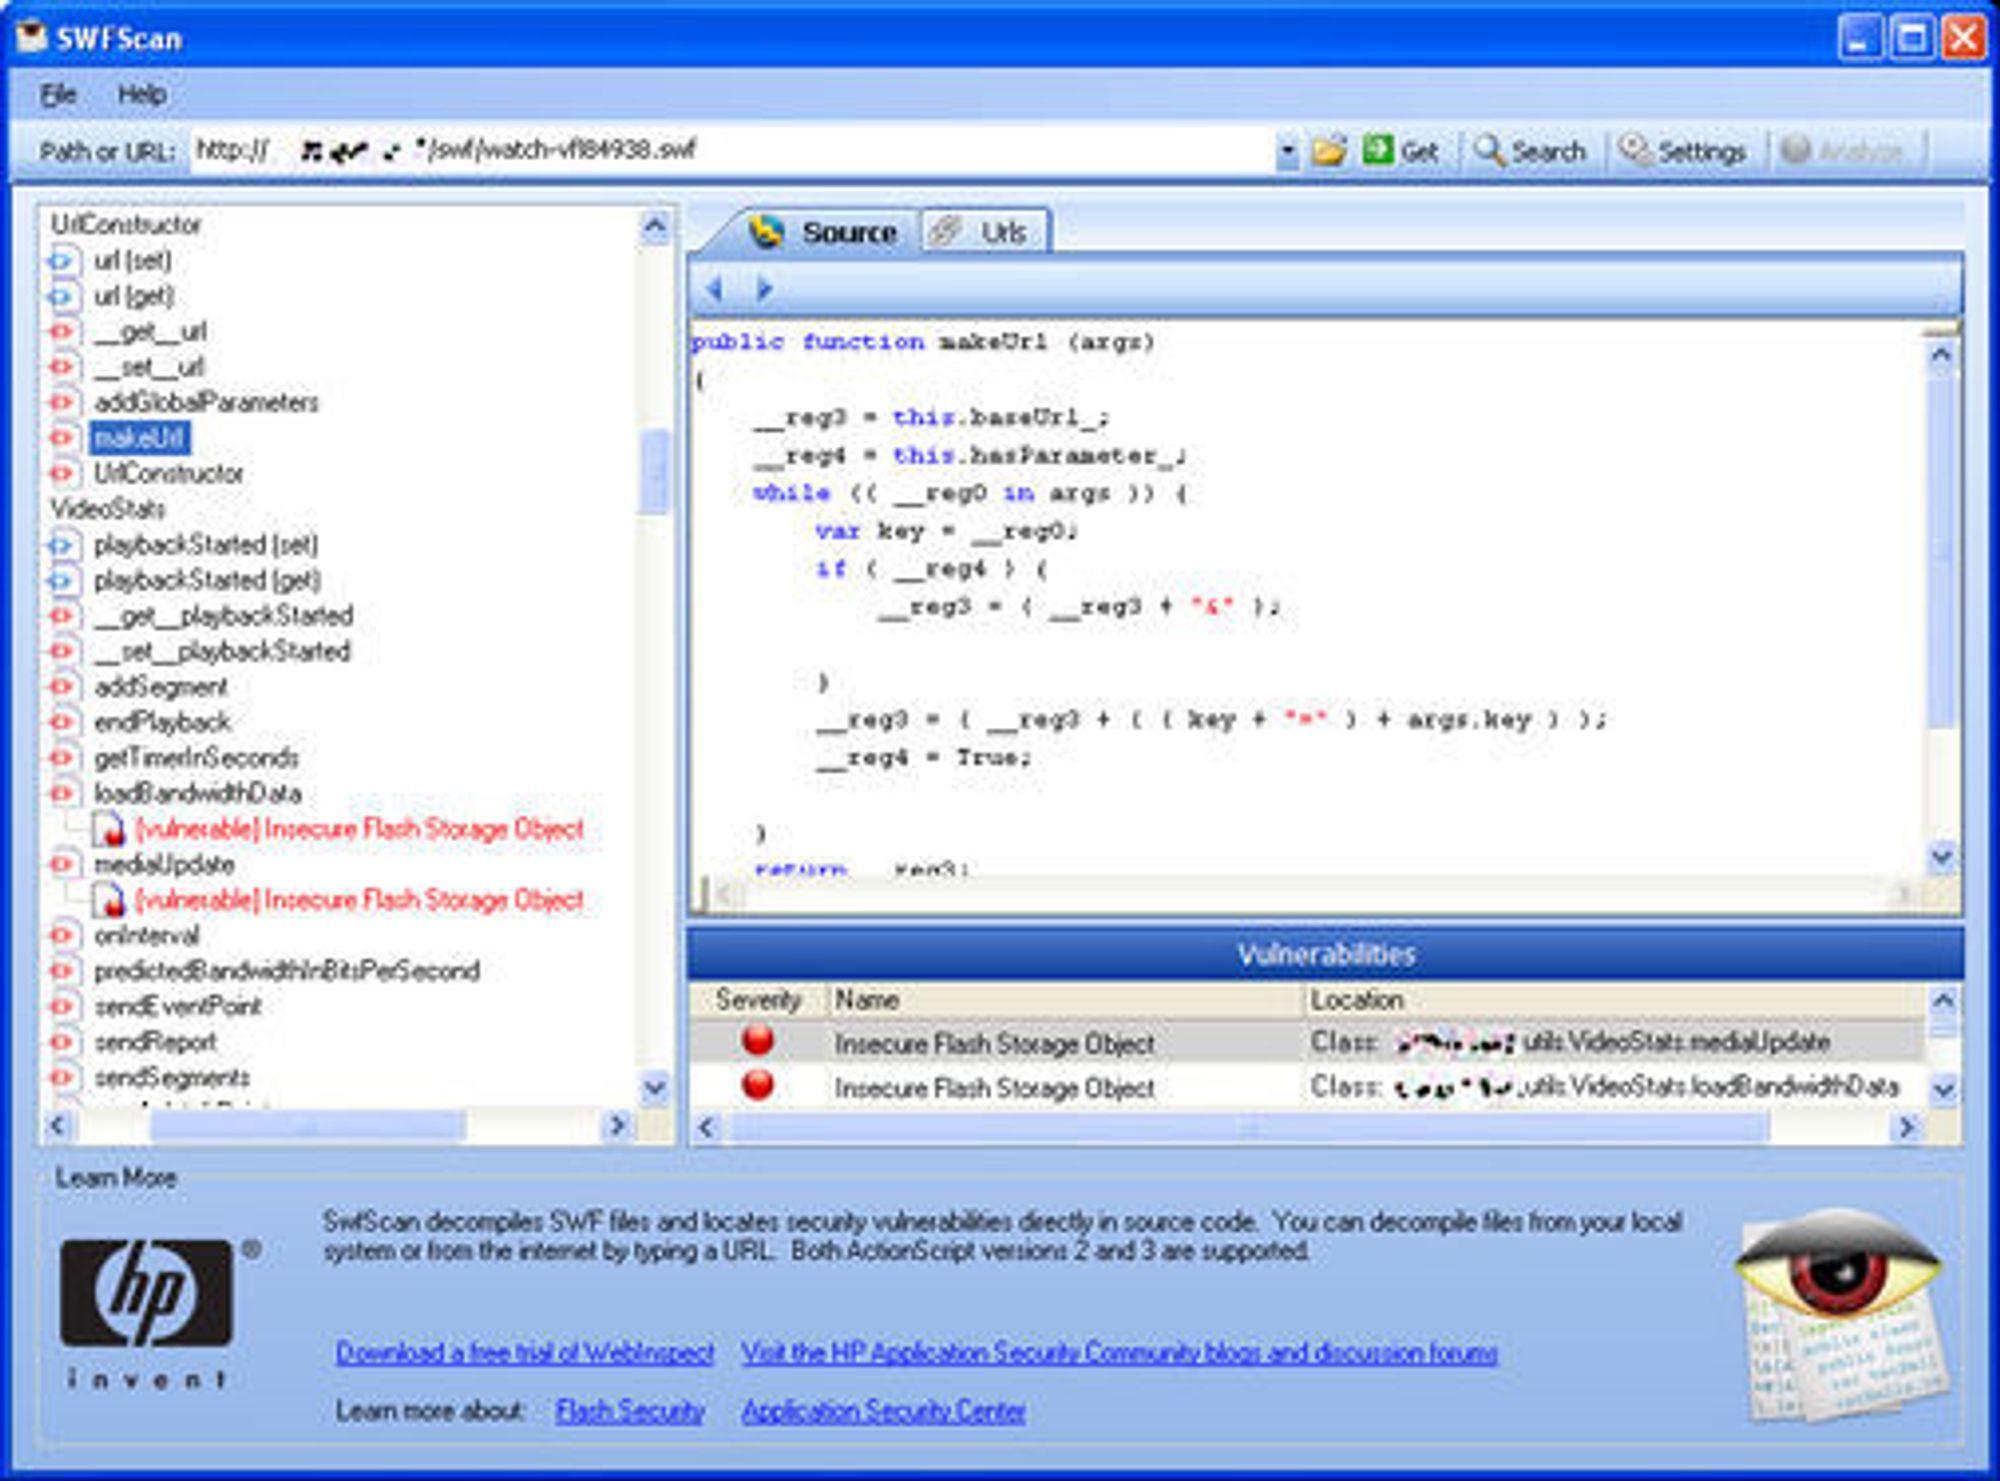 HP SWFScan med resultat fra mye brukt Flash-applikasjon.